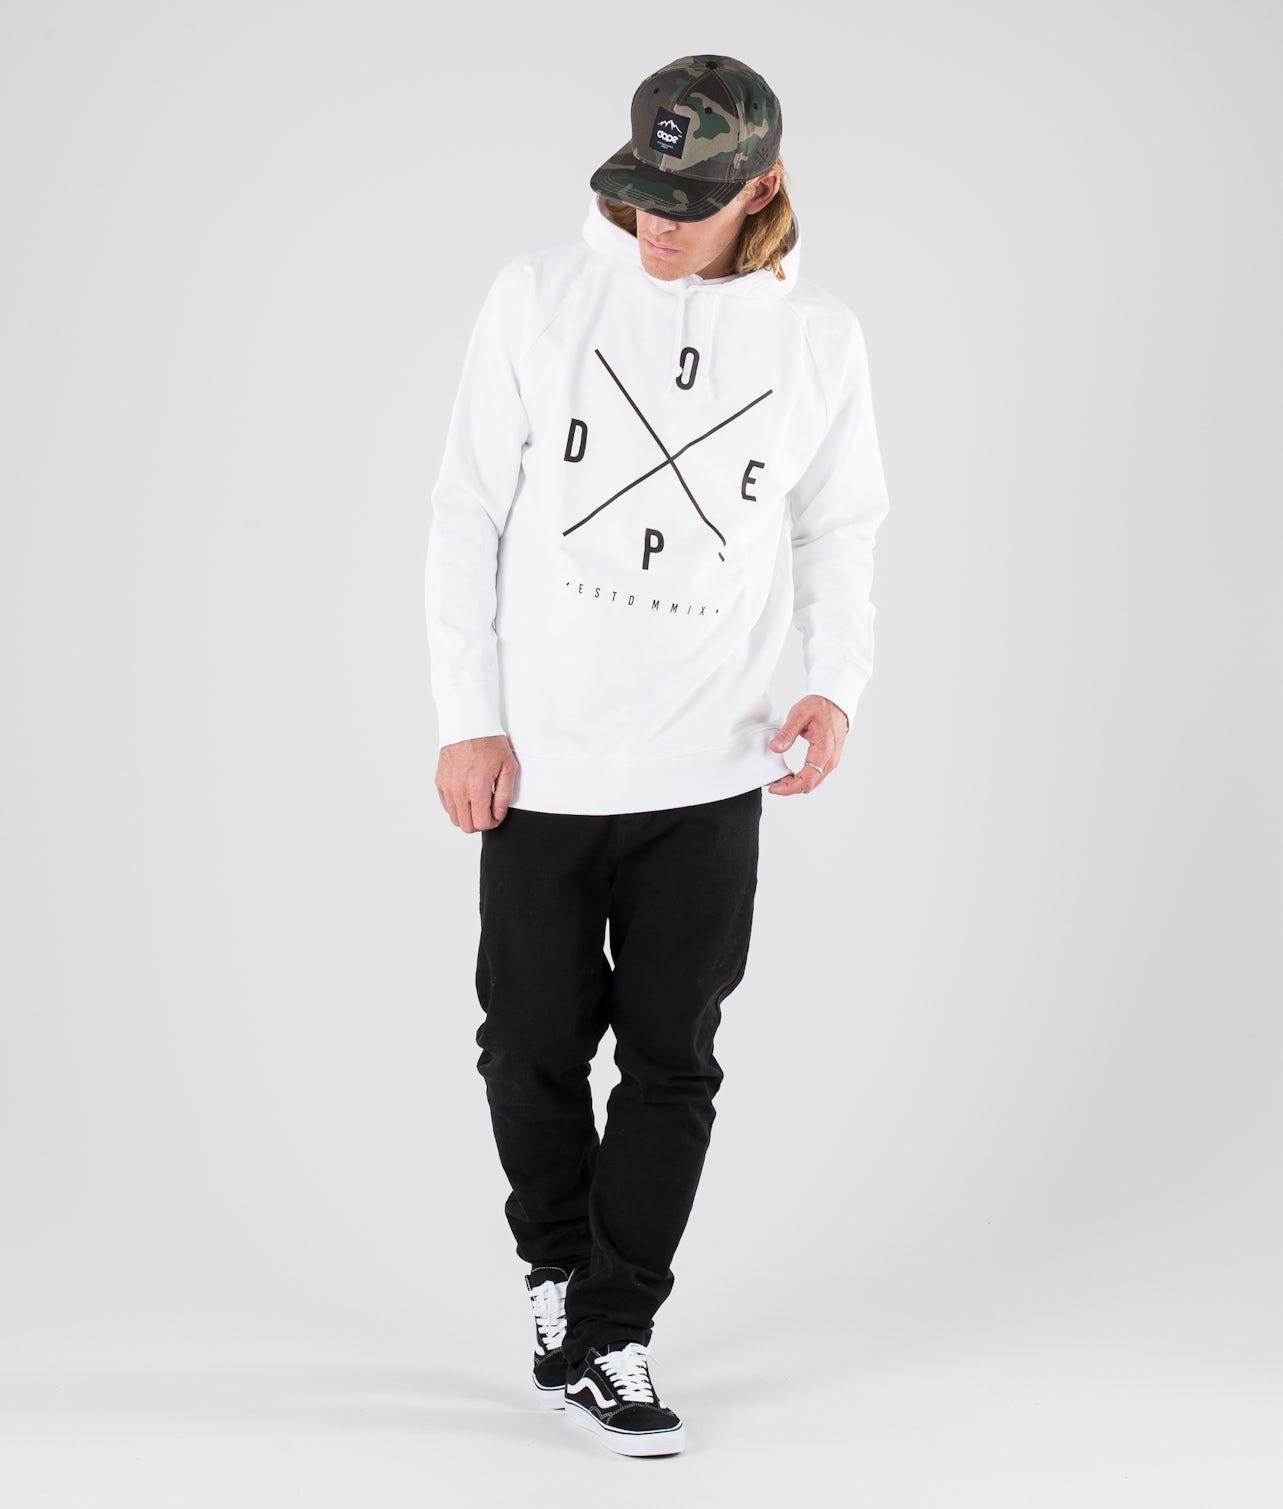 Kjøp 2X-Up Hood fra Dope på Ridestore.no - Hos oss har du alltid fri frakt, fri retur og 30 dagers åpent kjøp!